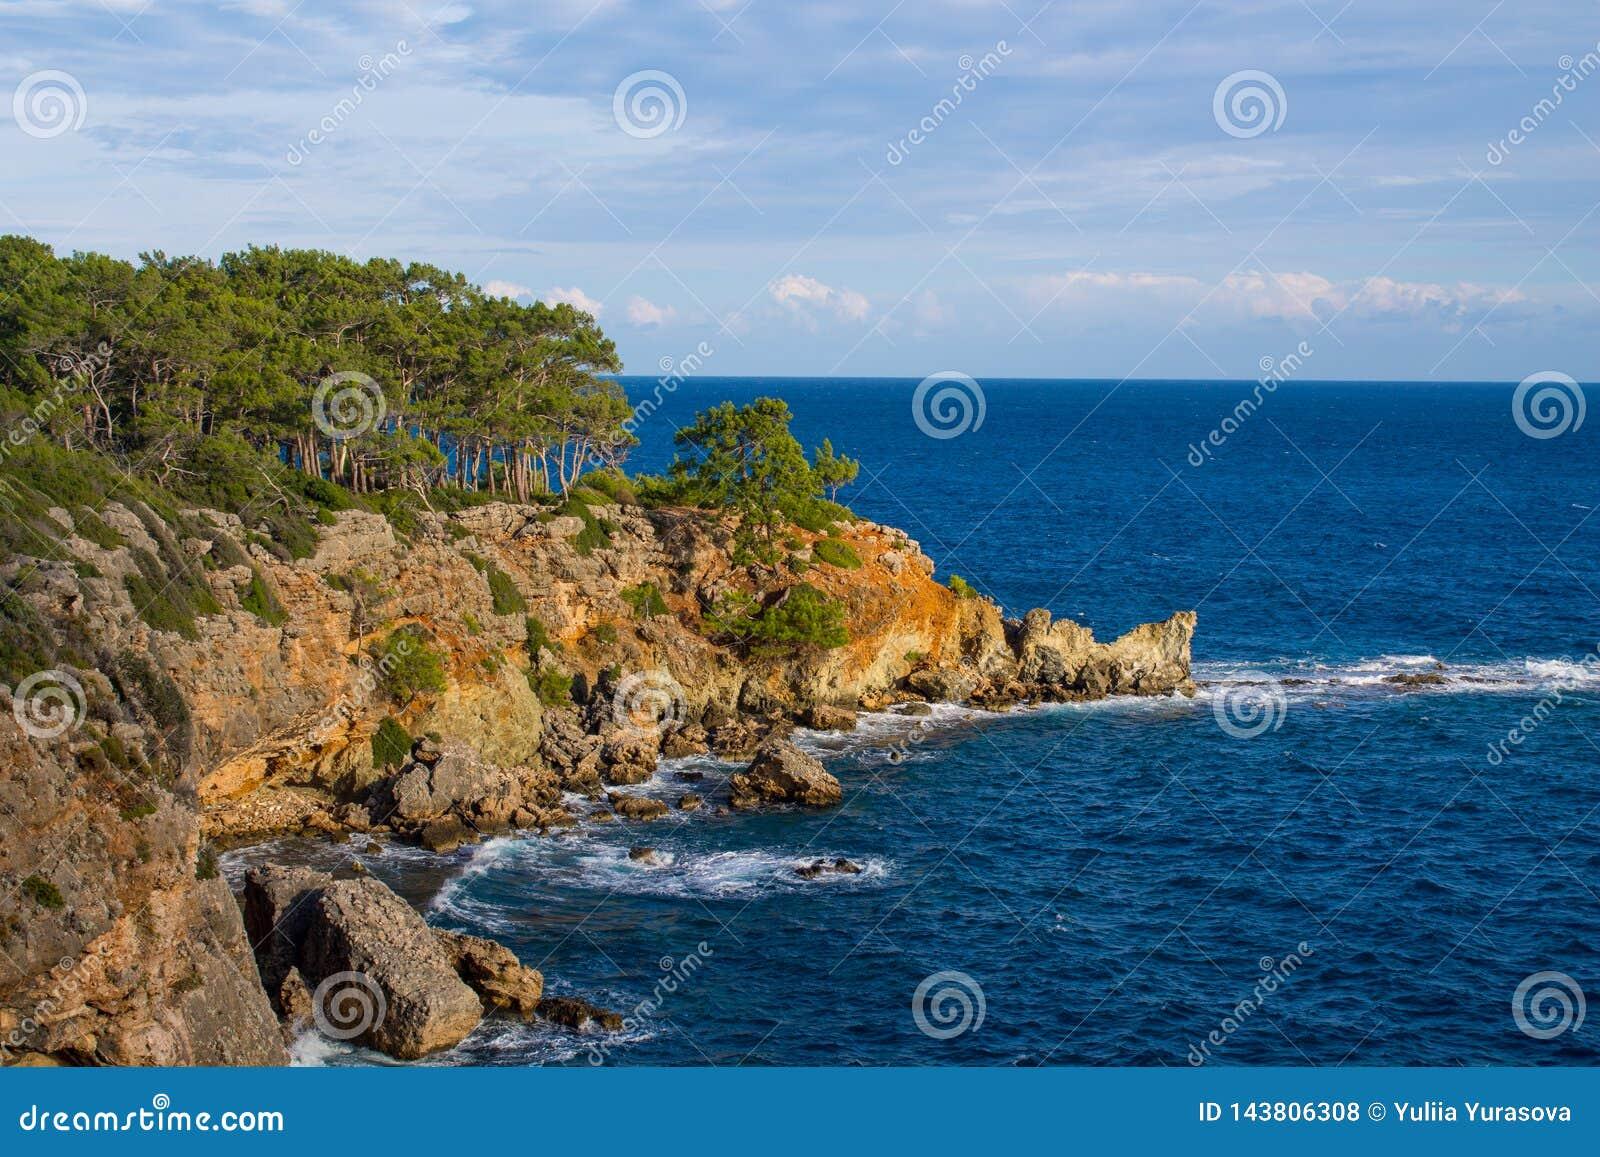 Härlig stenig brant kust och stora vågor